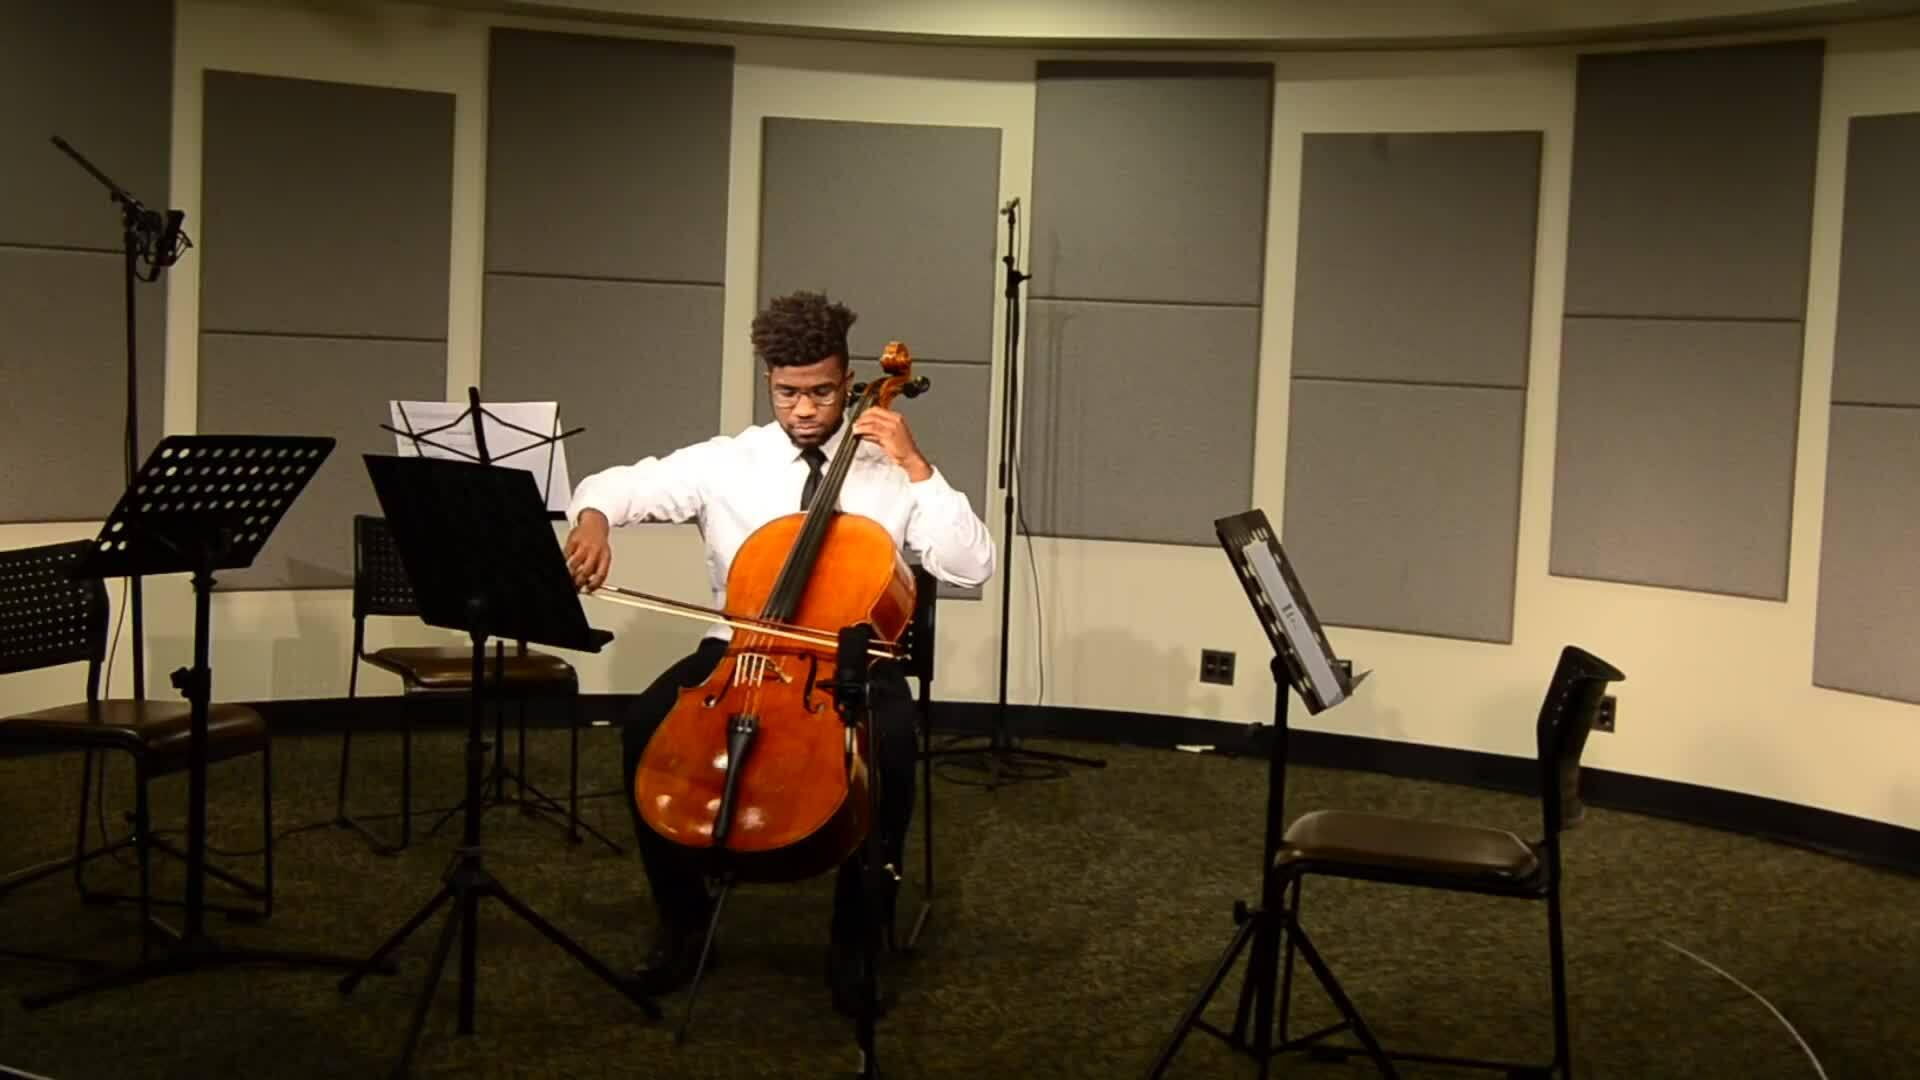 Cậu bé nghèo trúng tuyển đại học Mỹ nhờ tài chơi đàn cello